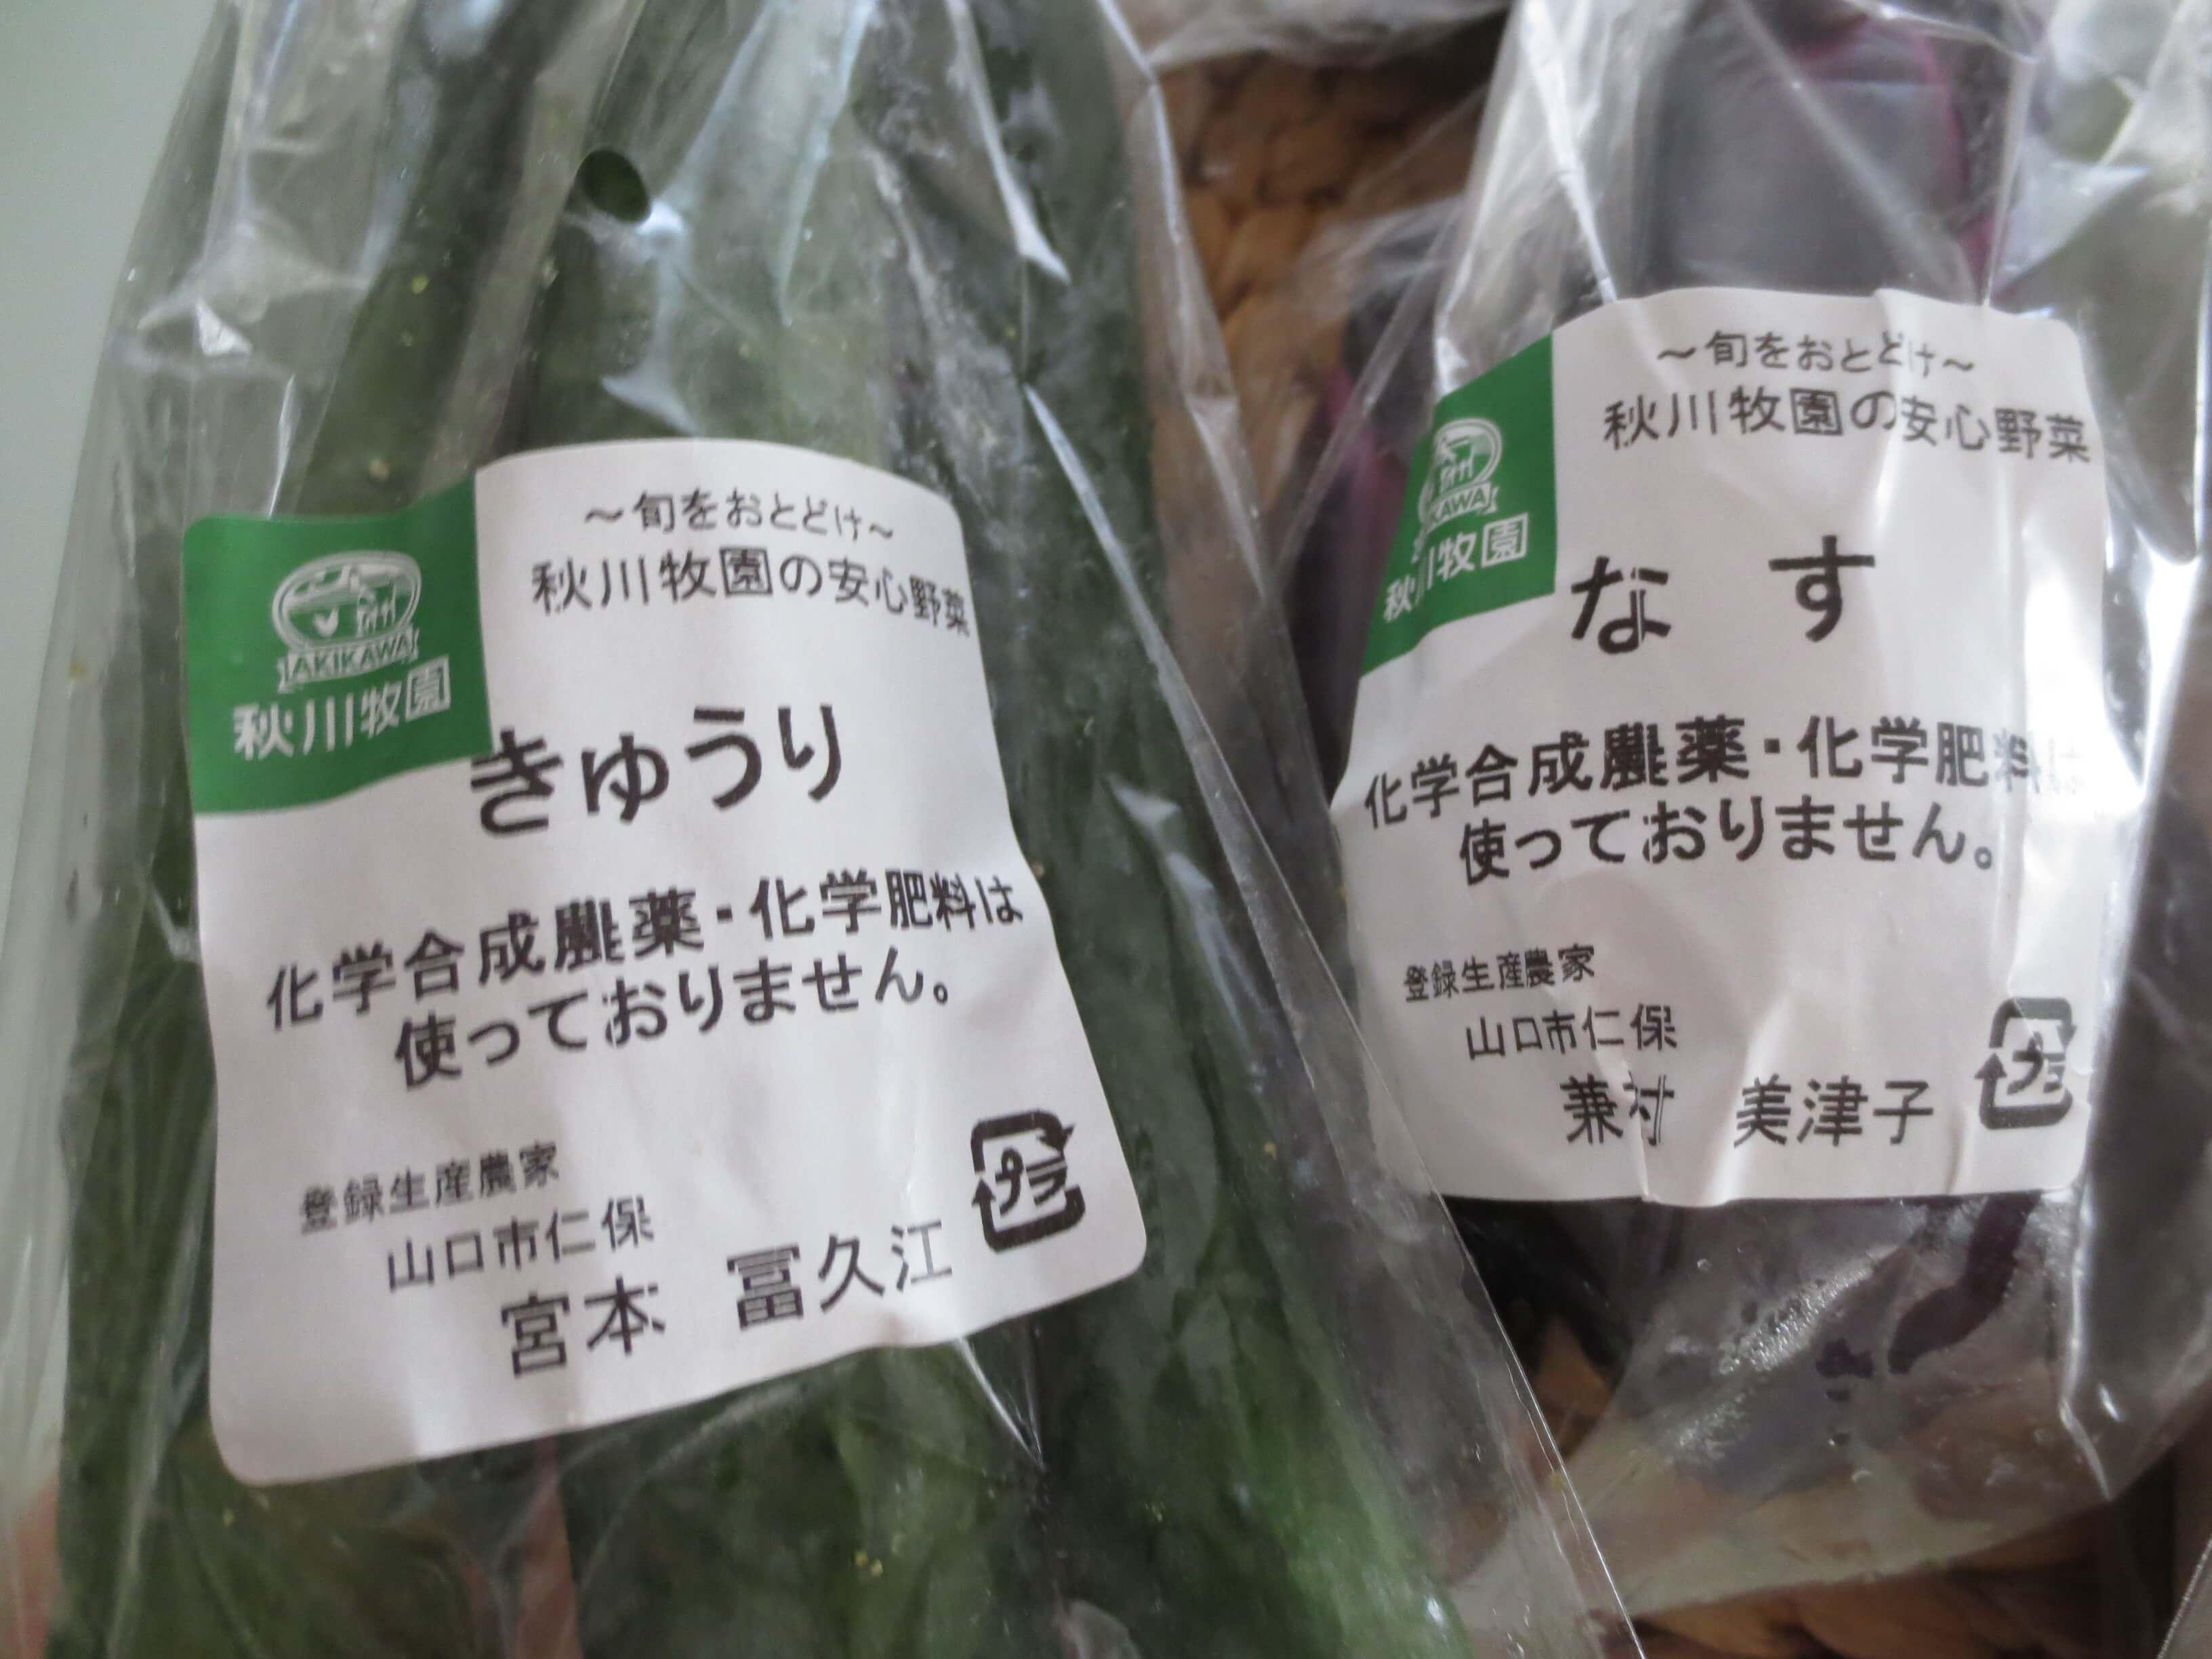 秋川牧園メリットデメリット・評判82